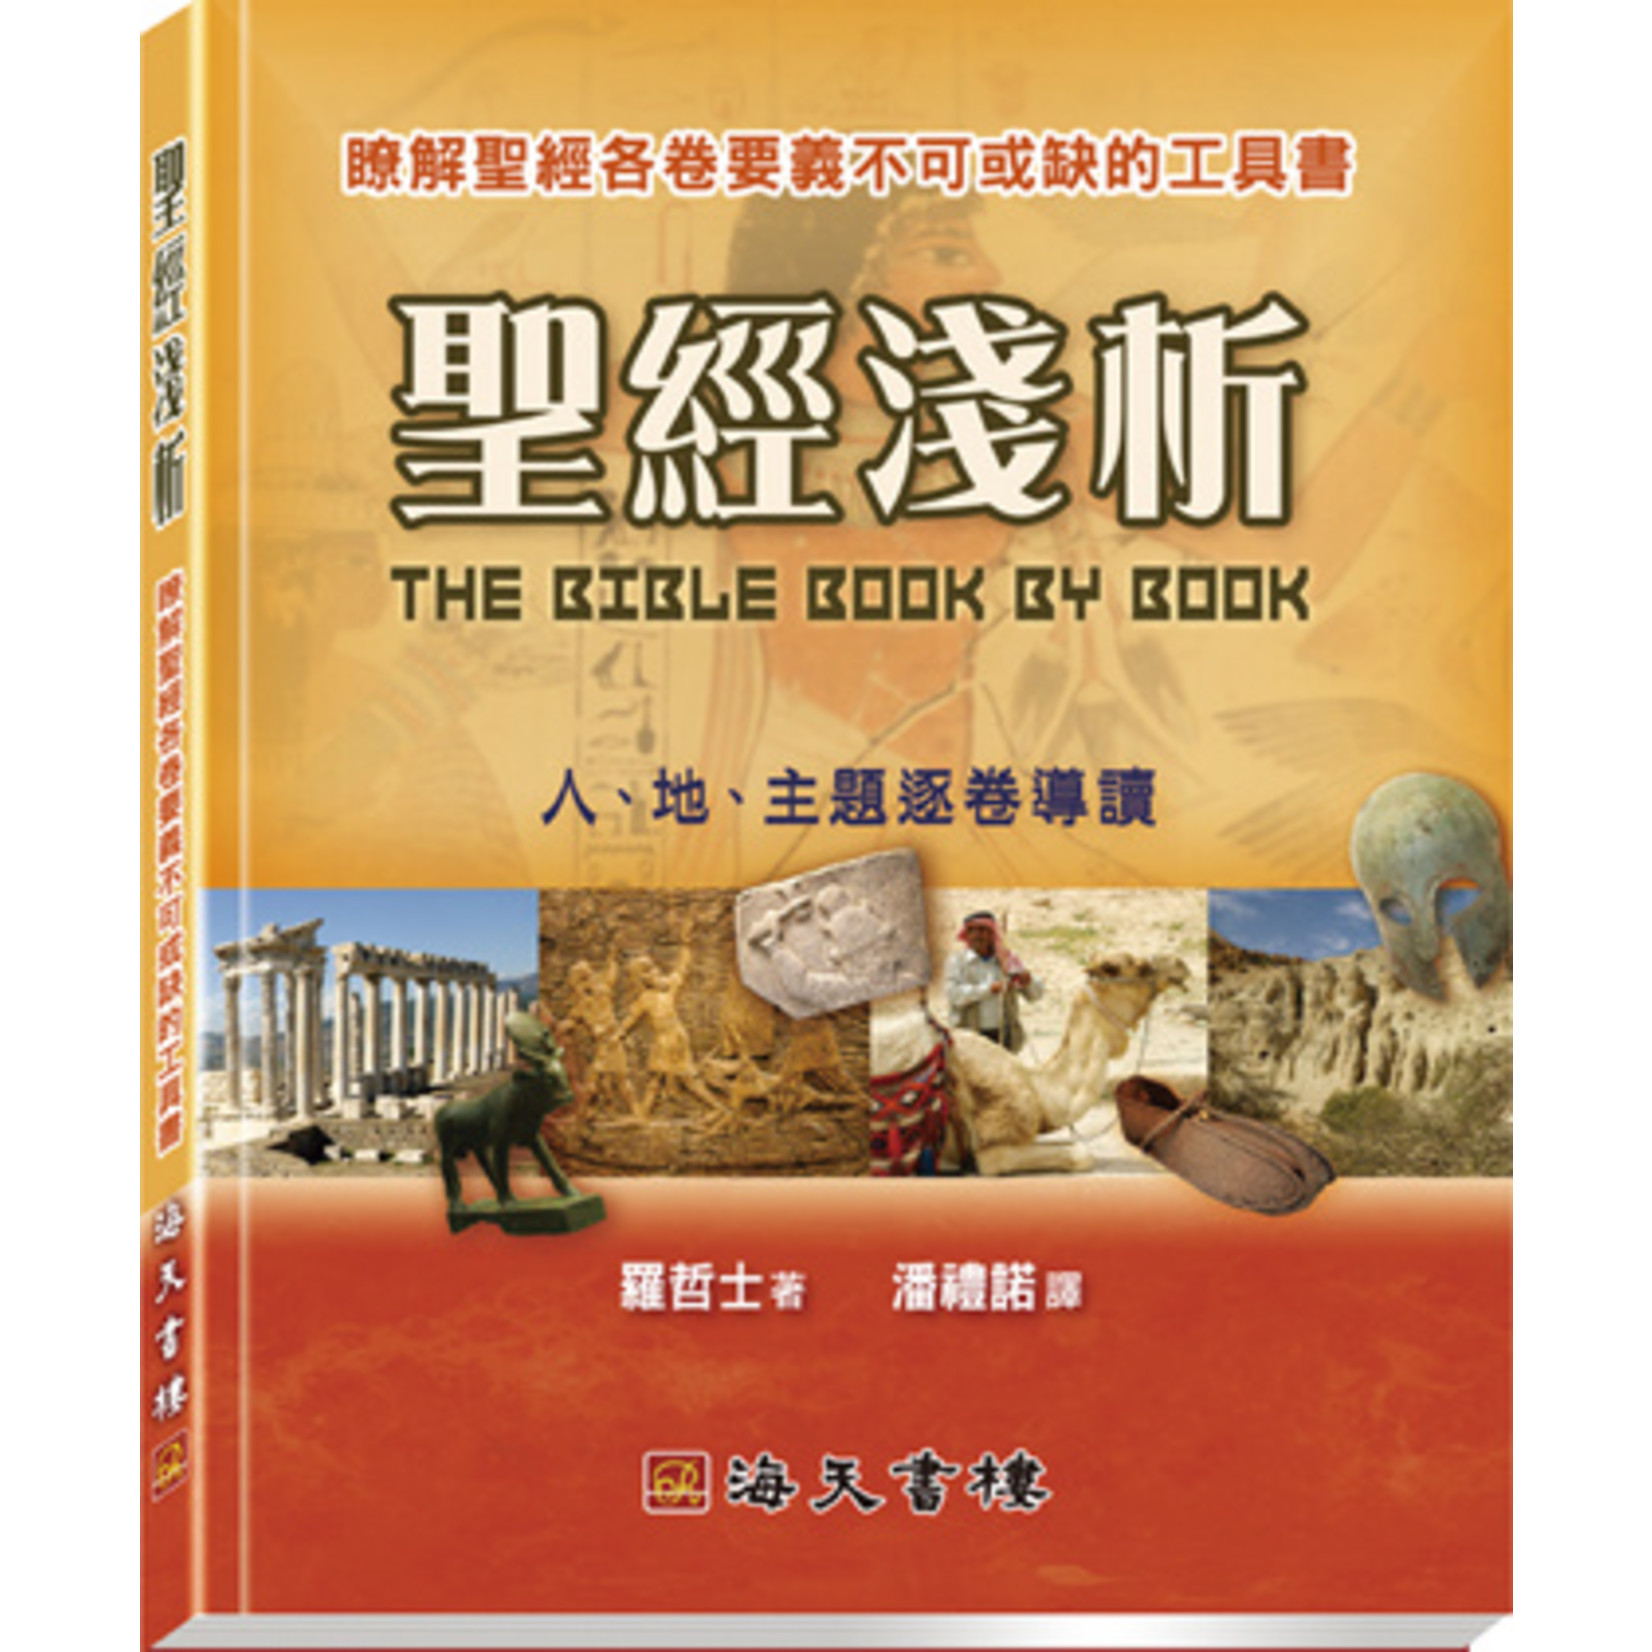 海天書樓 The Rock House Publishers 聖經淺析:人、地、主題逐卷導讀 The Bible Book By Book